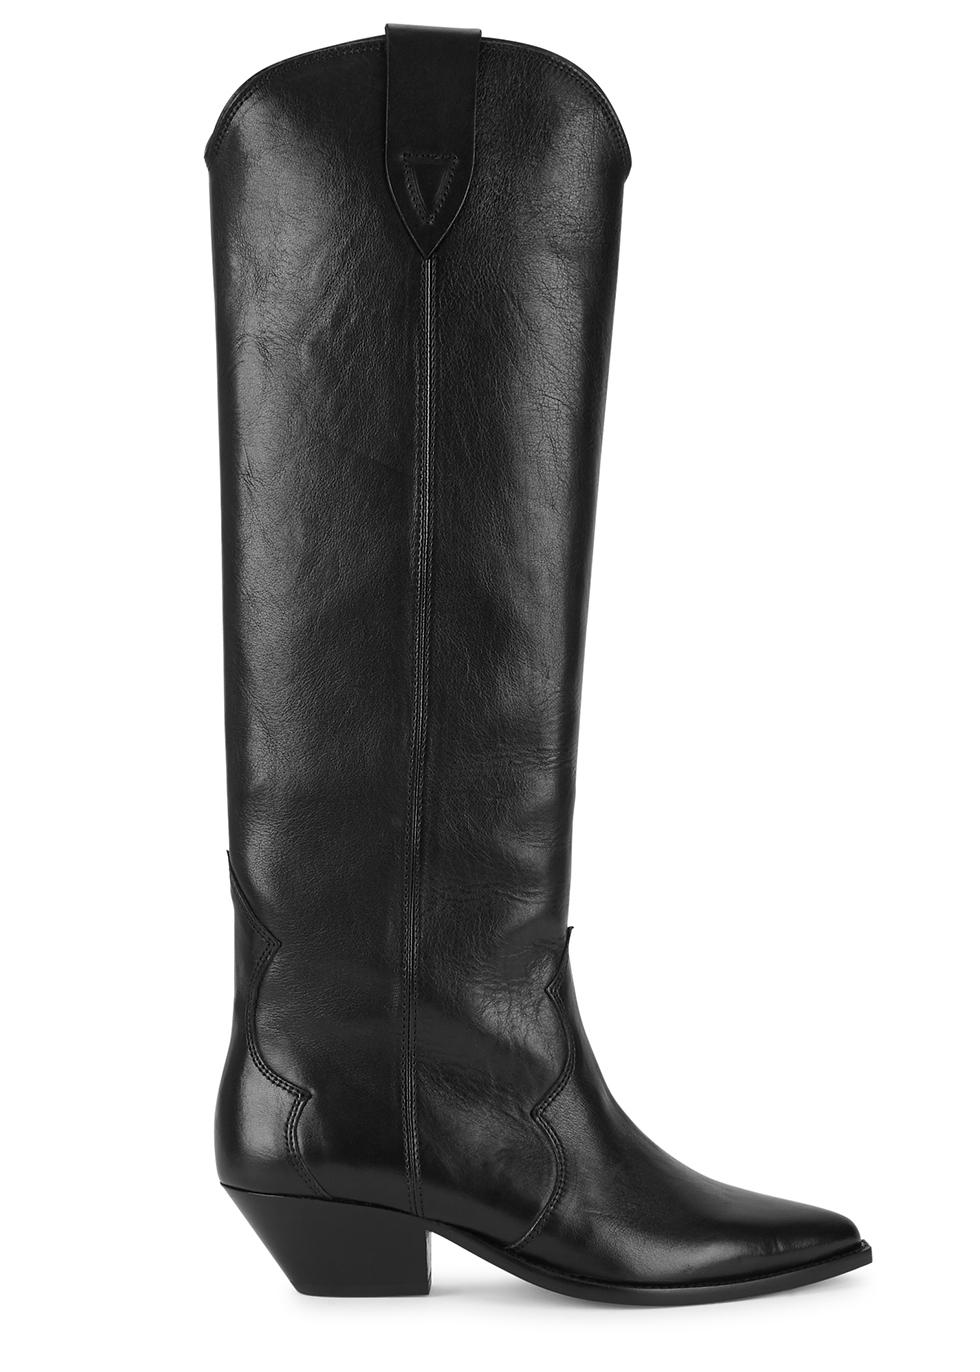 c1523472b92 Isabel Marant Dresses, Shoes, Trainers, Shirts, Coats - Harvey Nichols